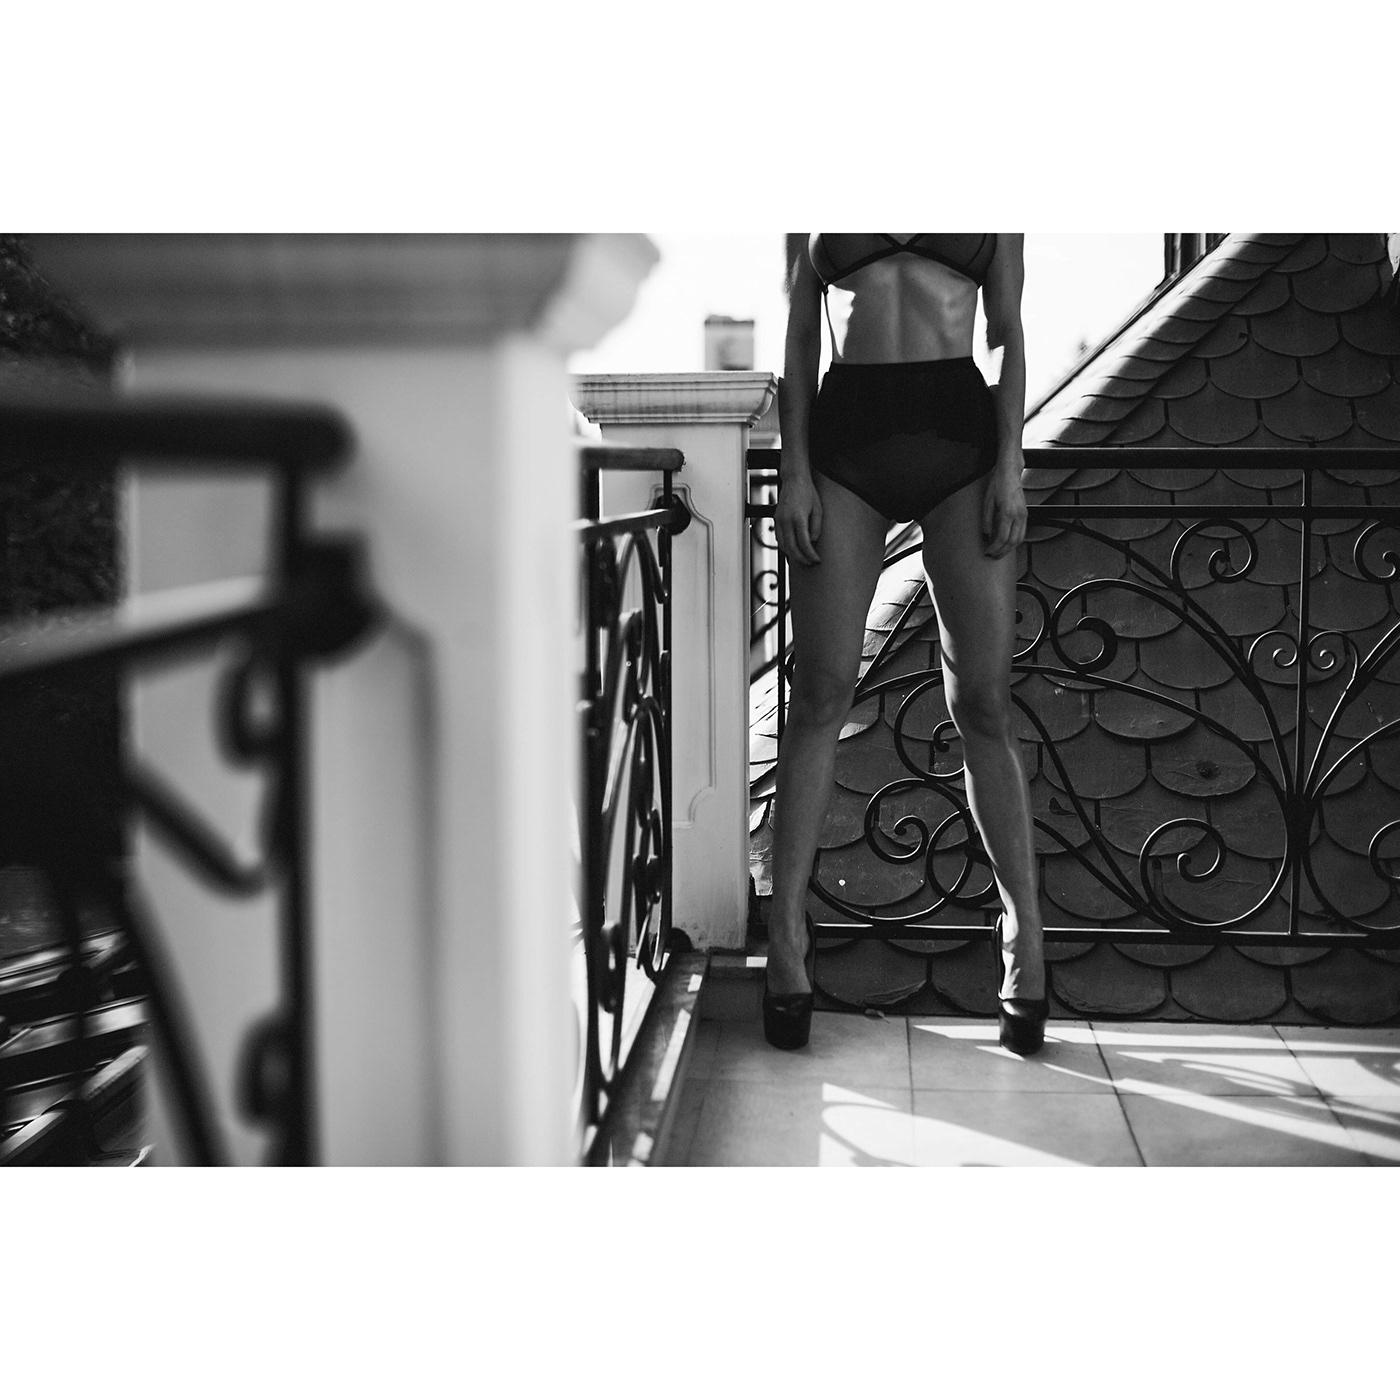 Asq / фотограф Miroslav Belev